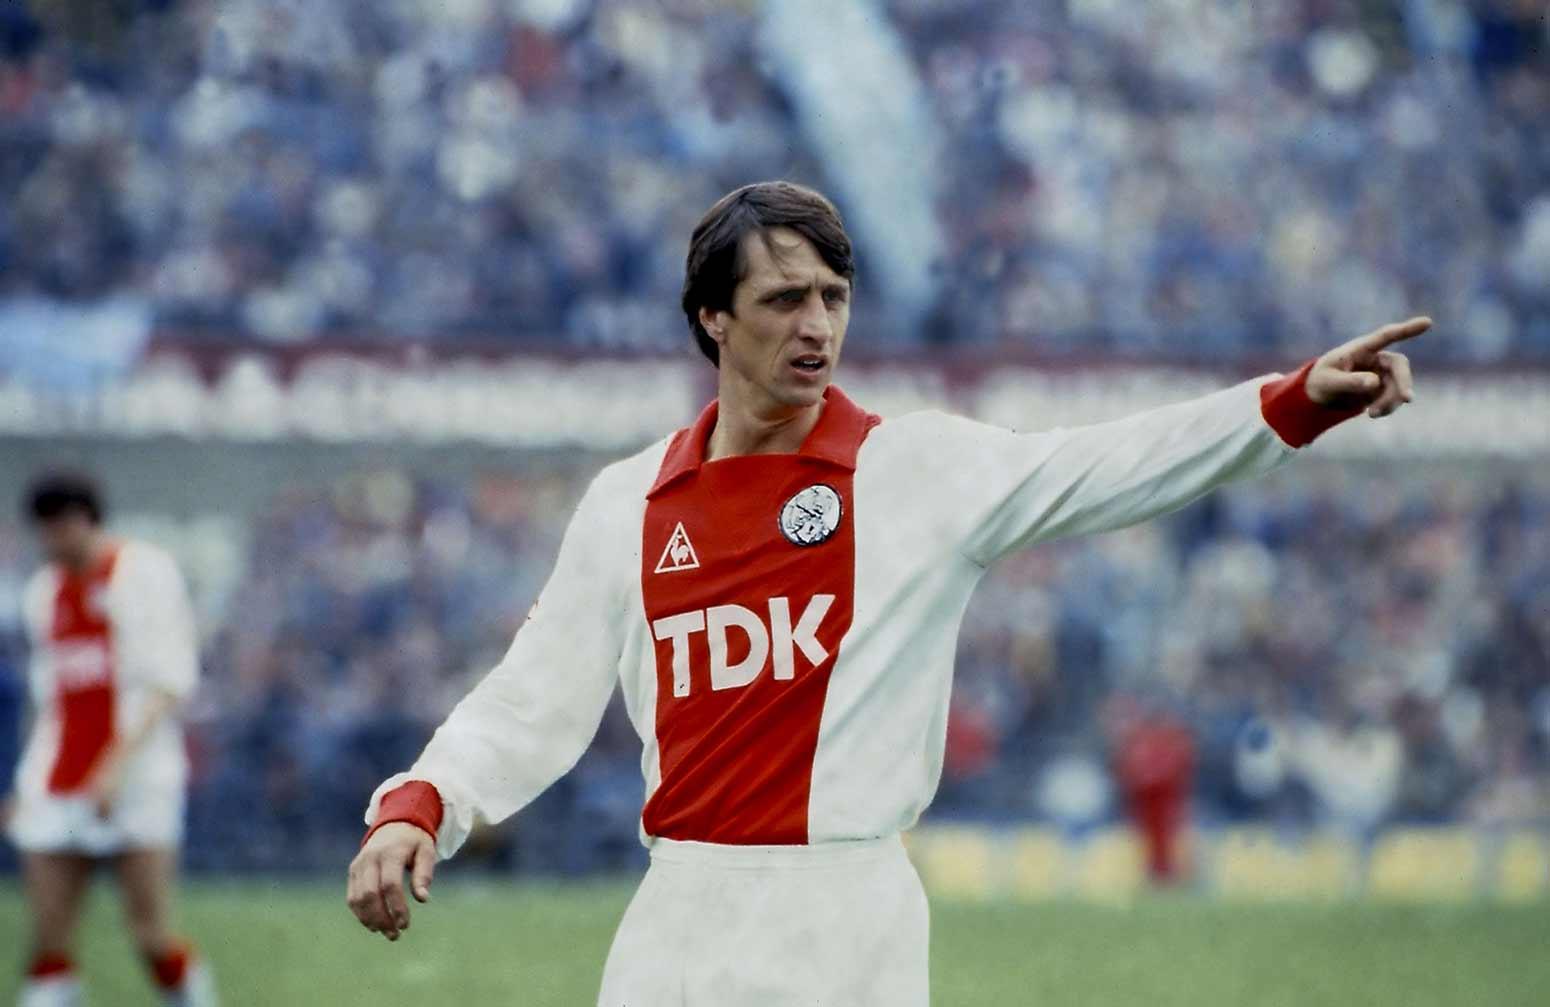 Kết quả hình ảnh cho Johan Cruyff ngày còn trẻ ở Ajax.